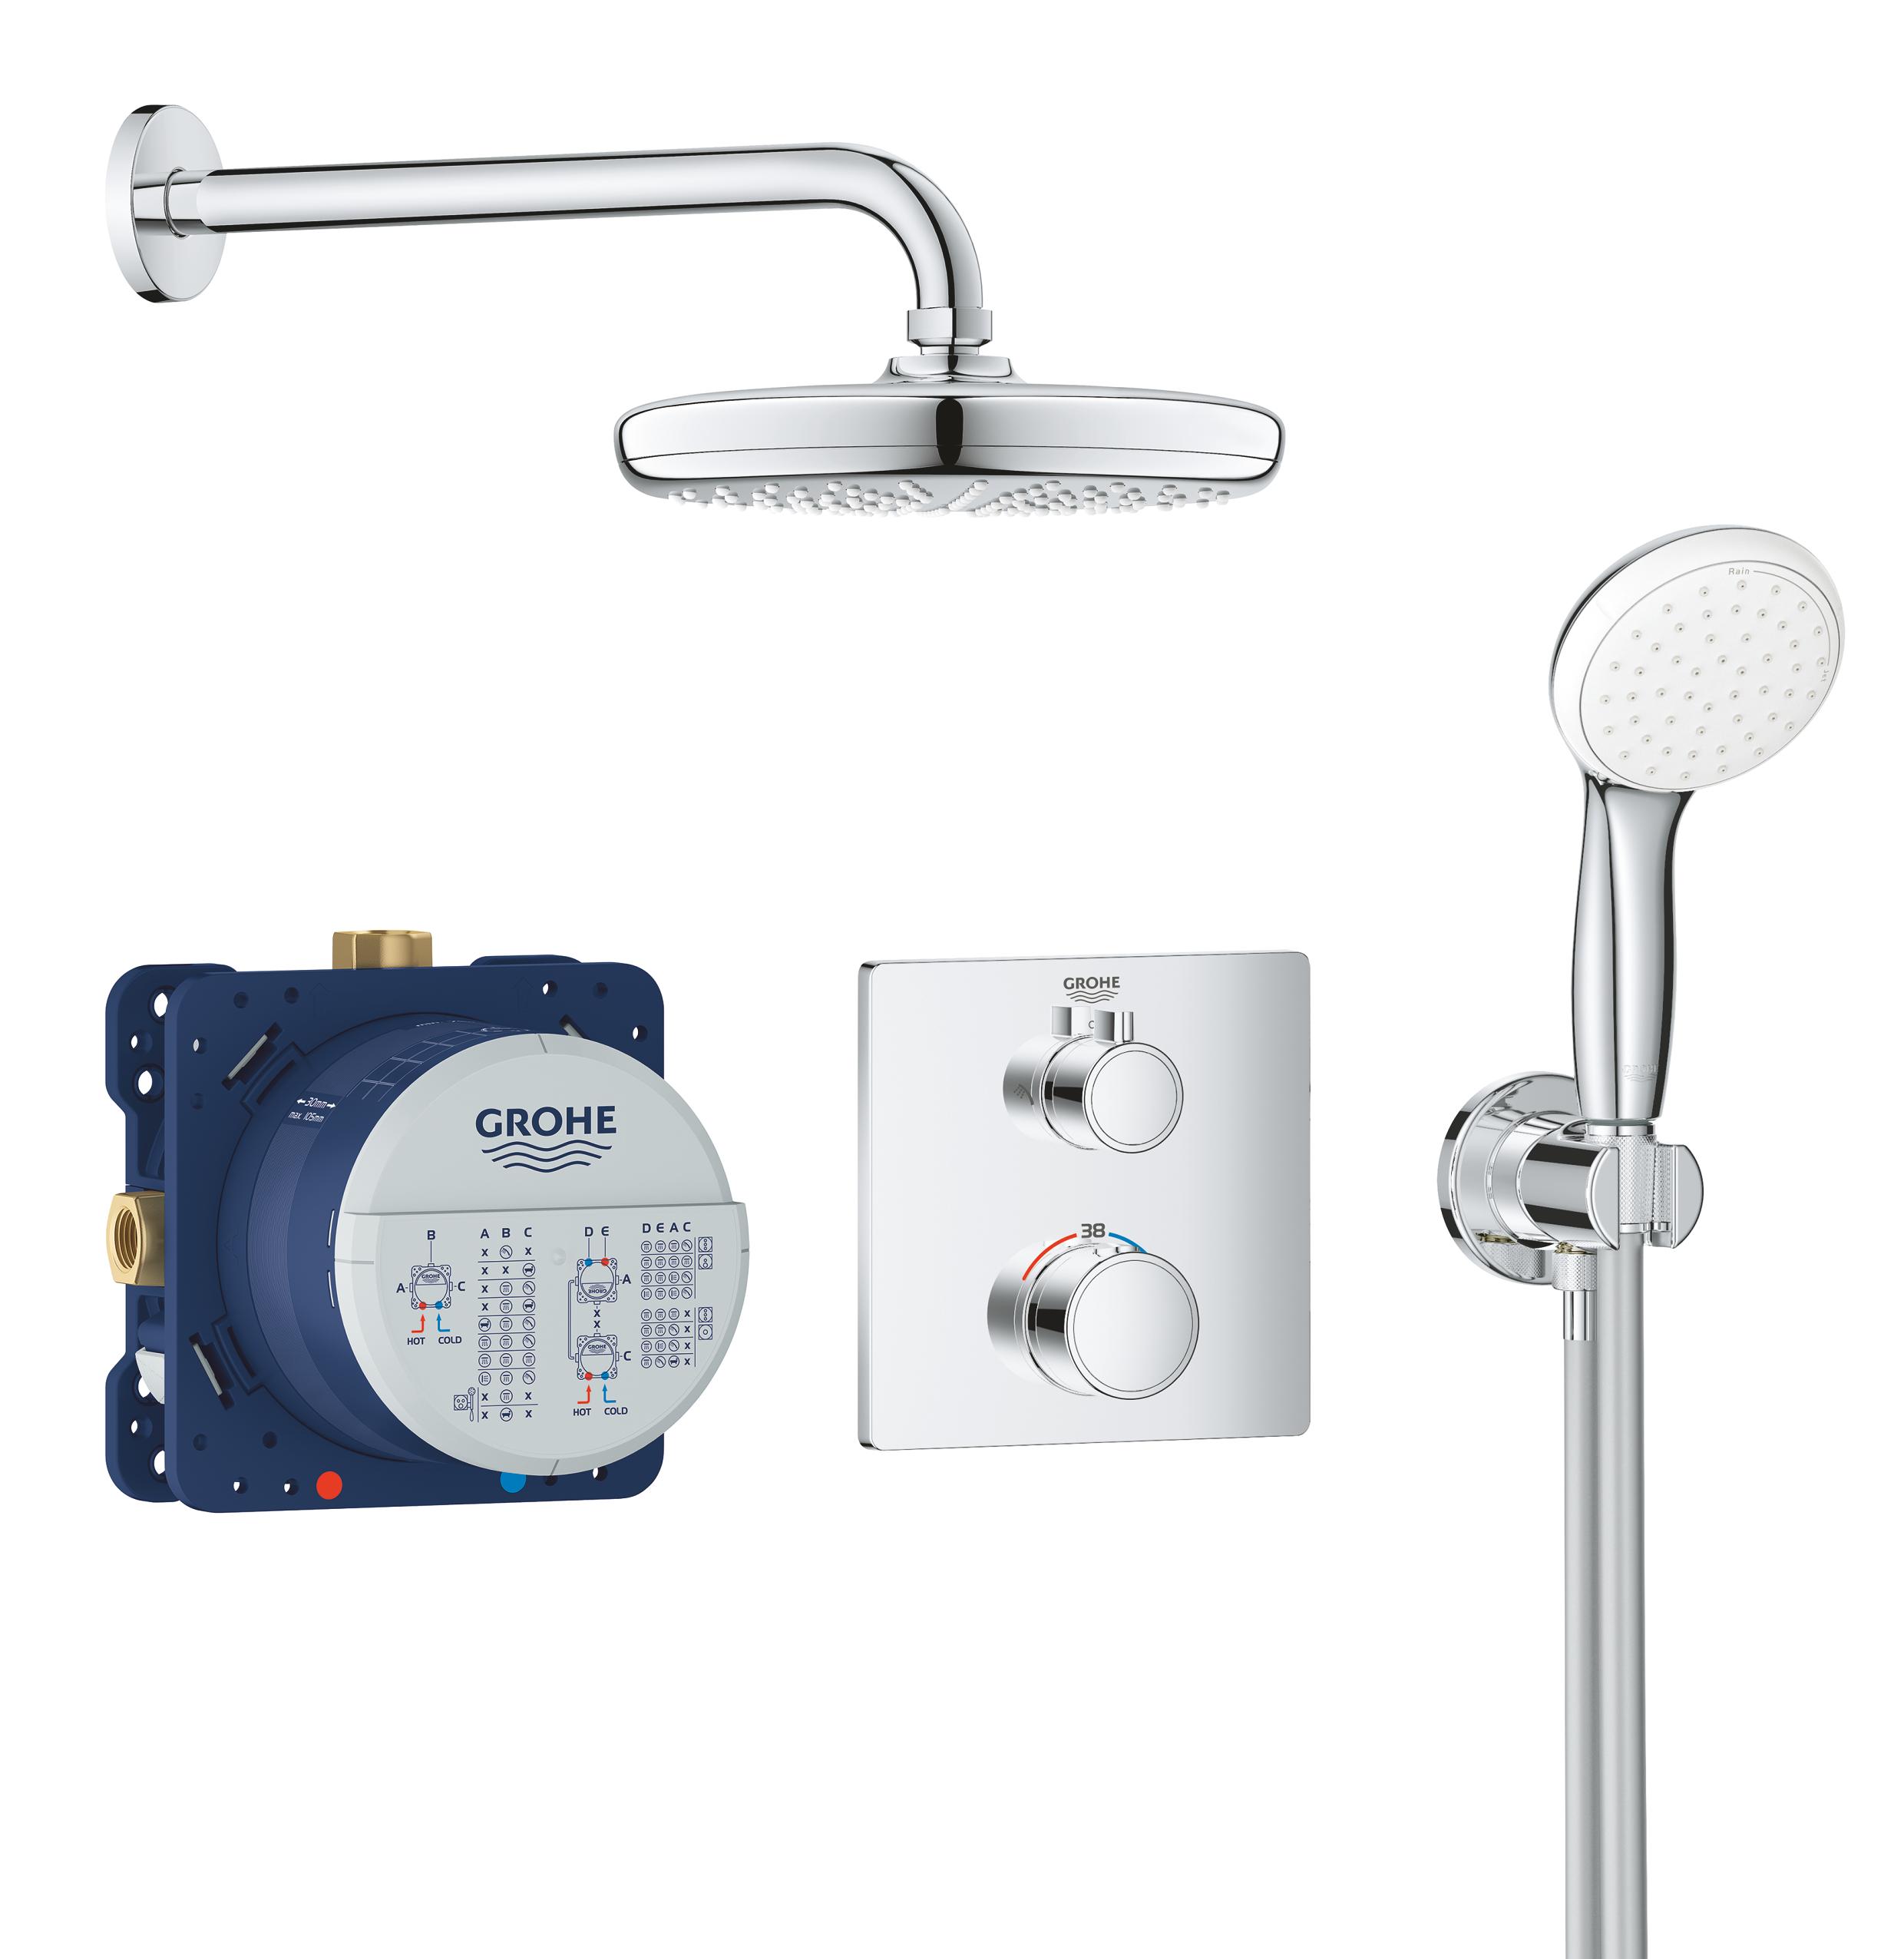 Набор для комплектации душа GROHE Grohtherm: встраиваемый термостат с переключателем верхний-ручной душ, квадратная розетка, верхний душ Tempesta 210 с кронштейном, ручной душ с подключением и шлангом, хром (34729000)